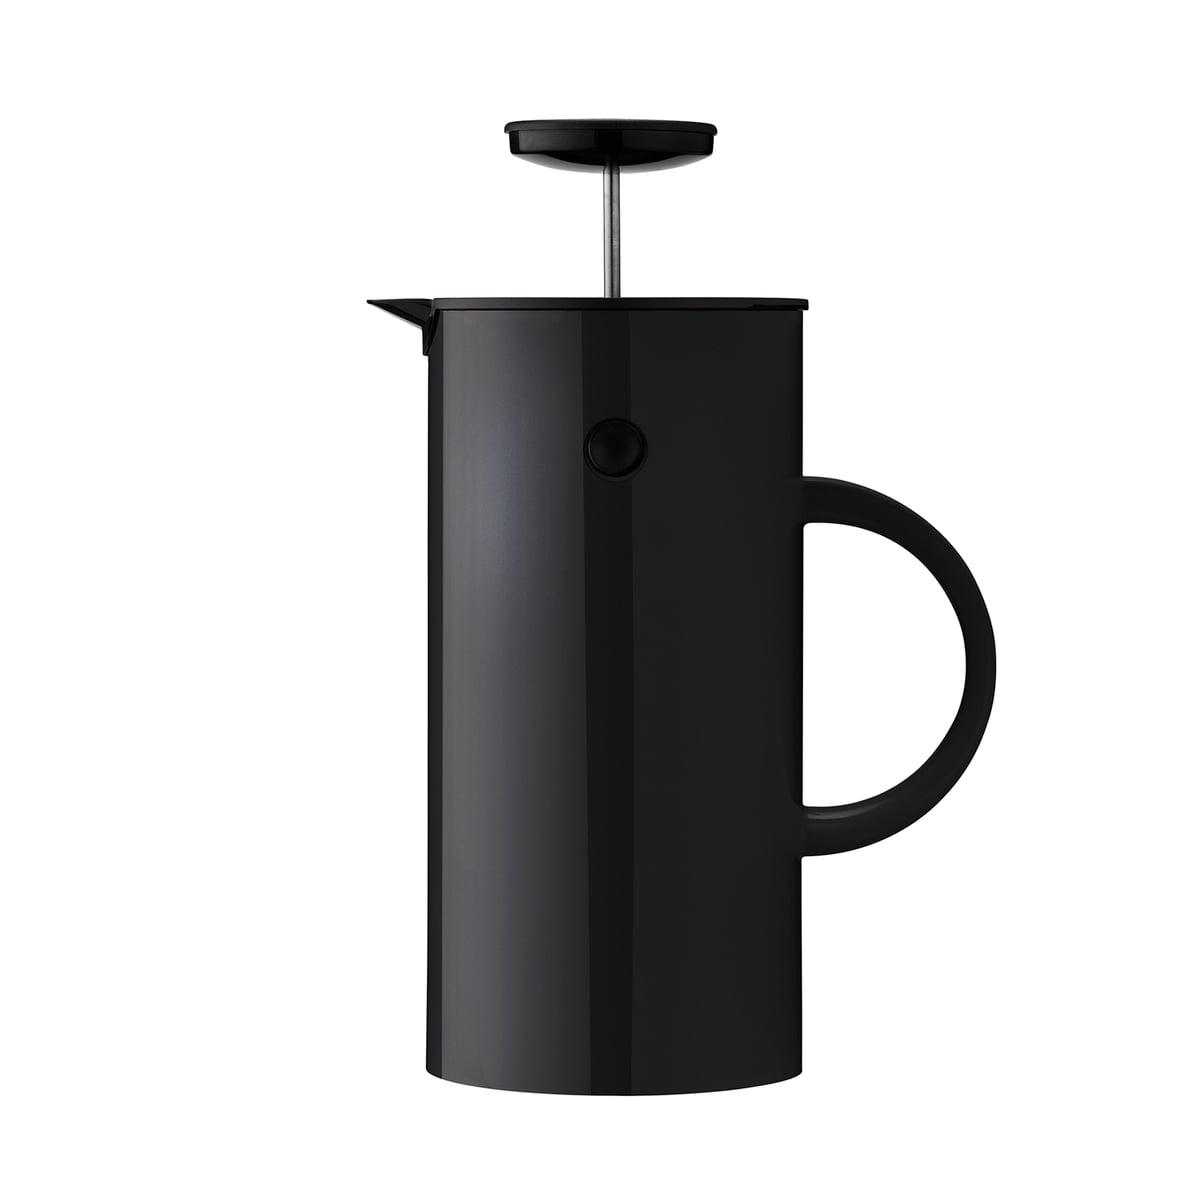 Kaffeezubereiter, 8 Tassen, schwarz